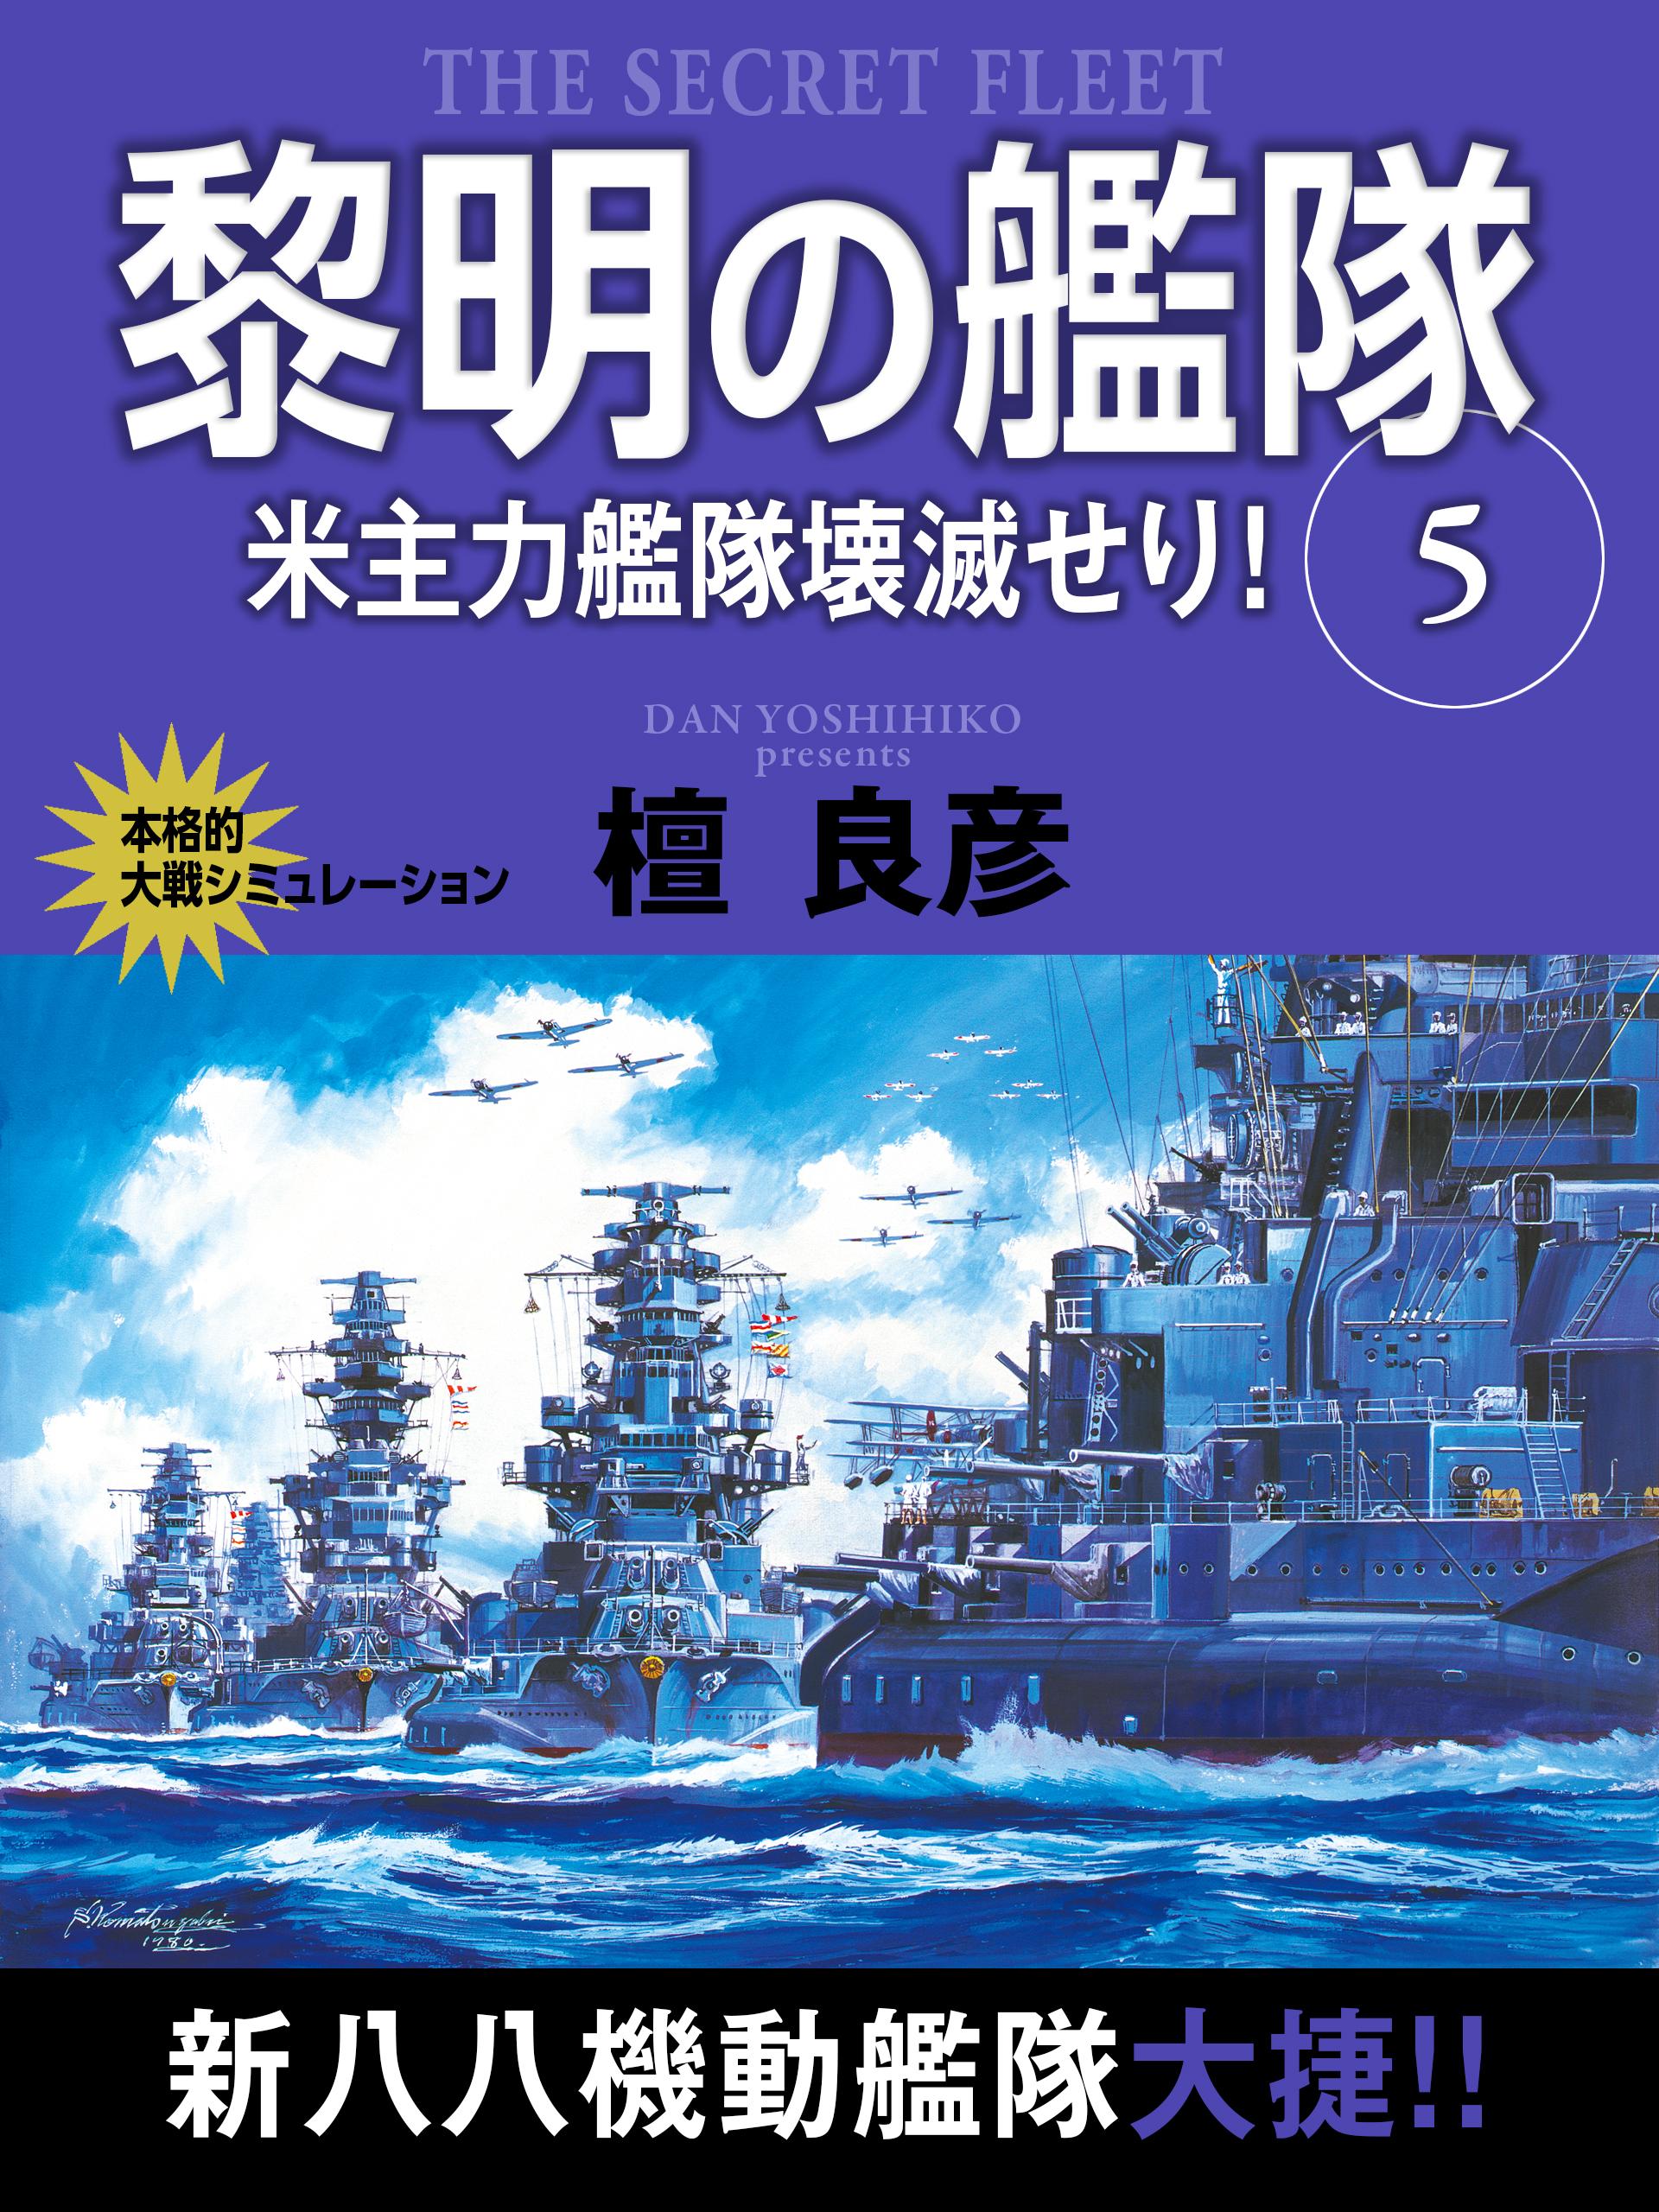 黎明の艦隊 5巻 米主力艦隊壊滅せり!